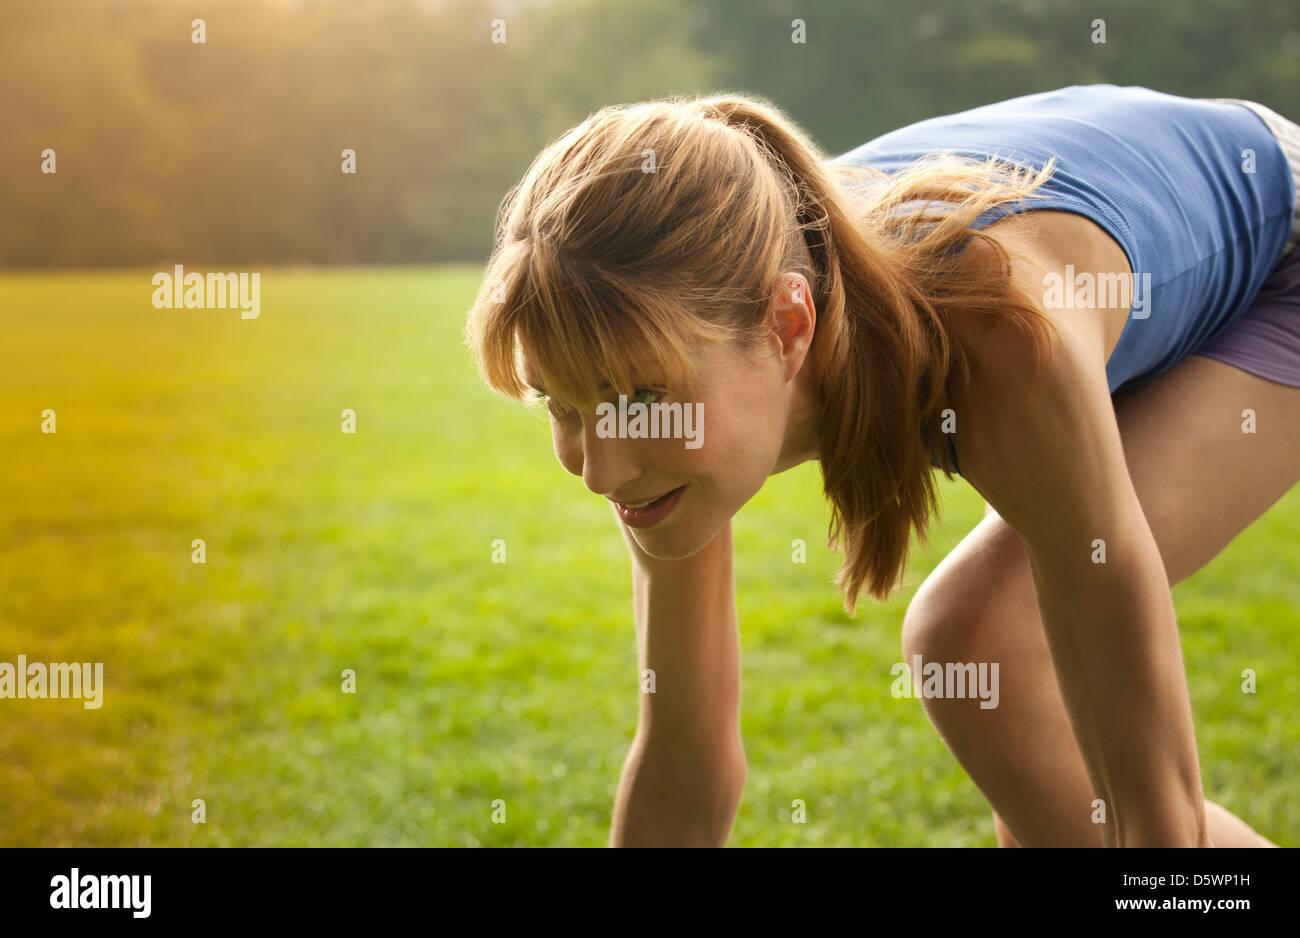 Läufer in Haltung im park Stockfoto